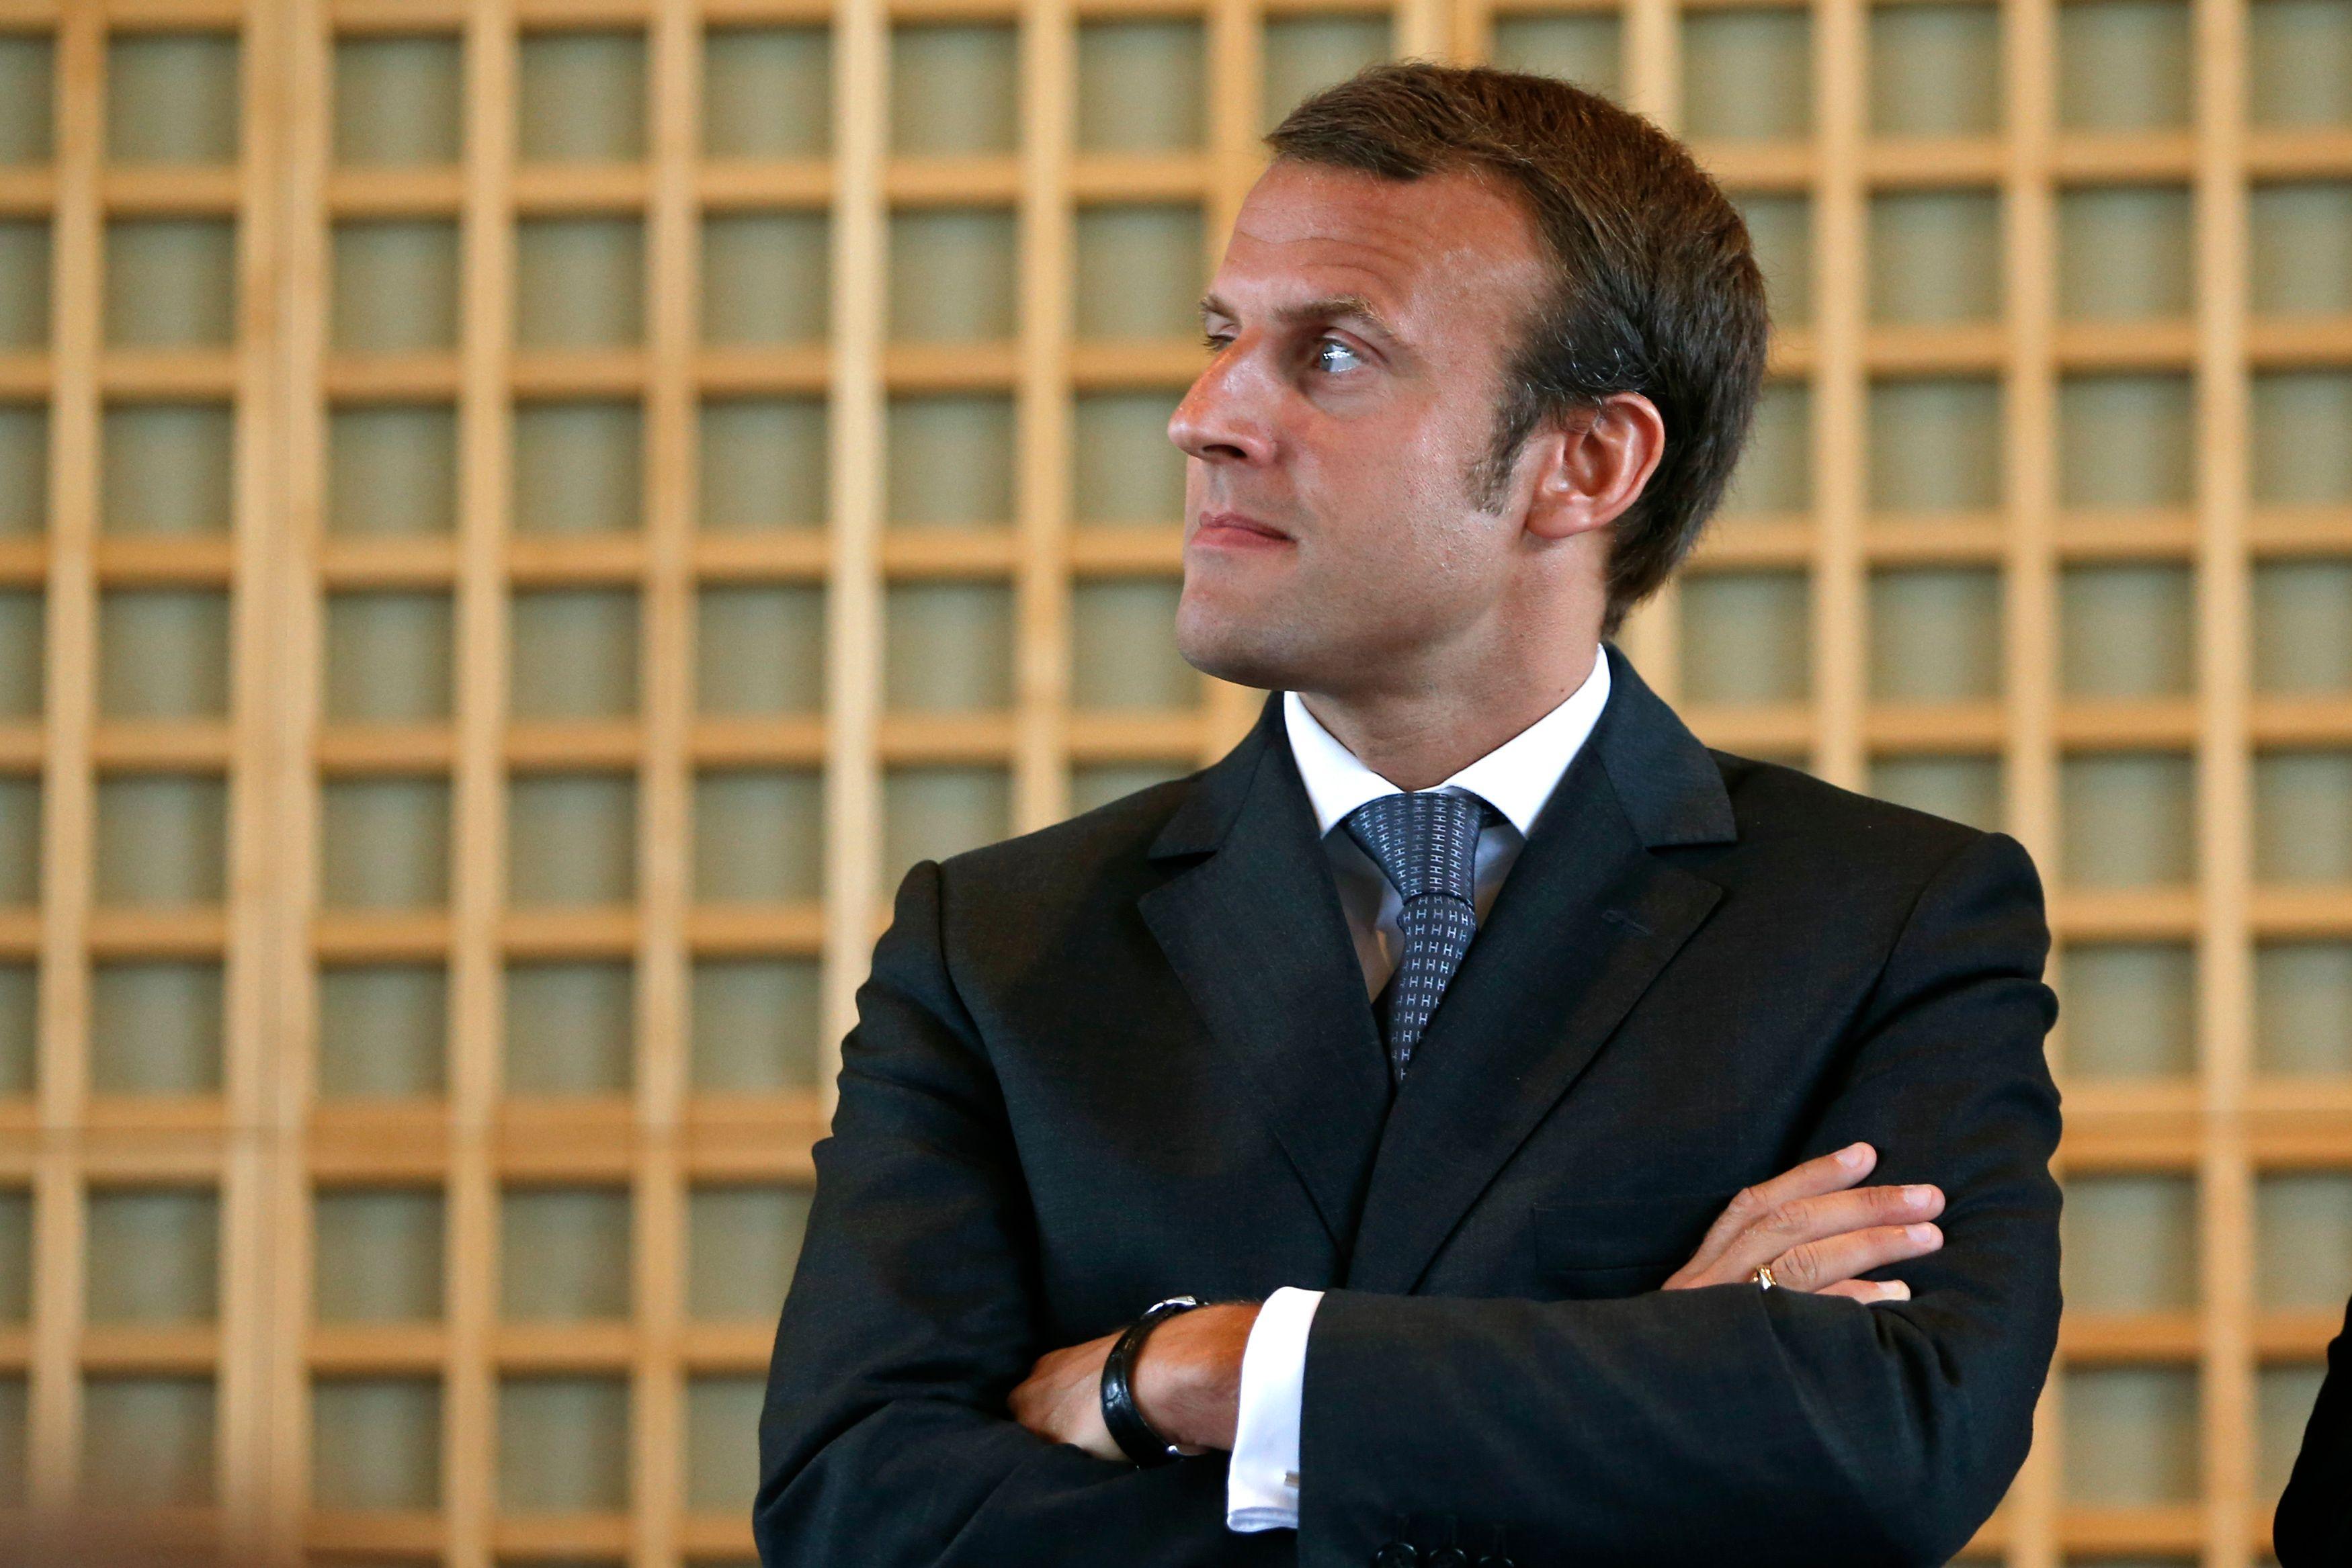 Emmanuel Macron veut réformer les professions juridiques réglementées